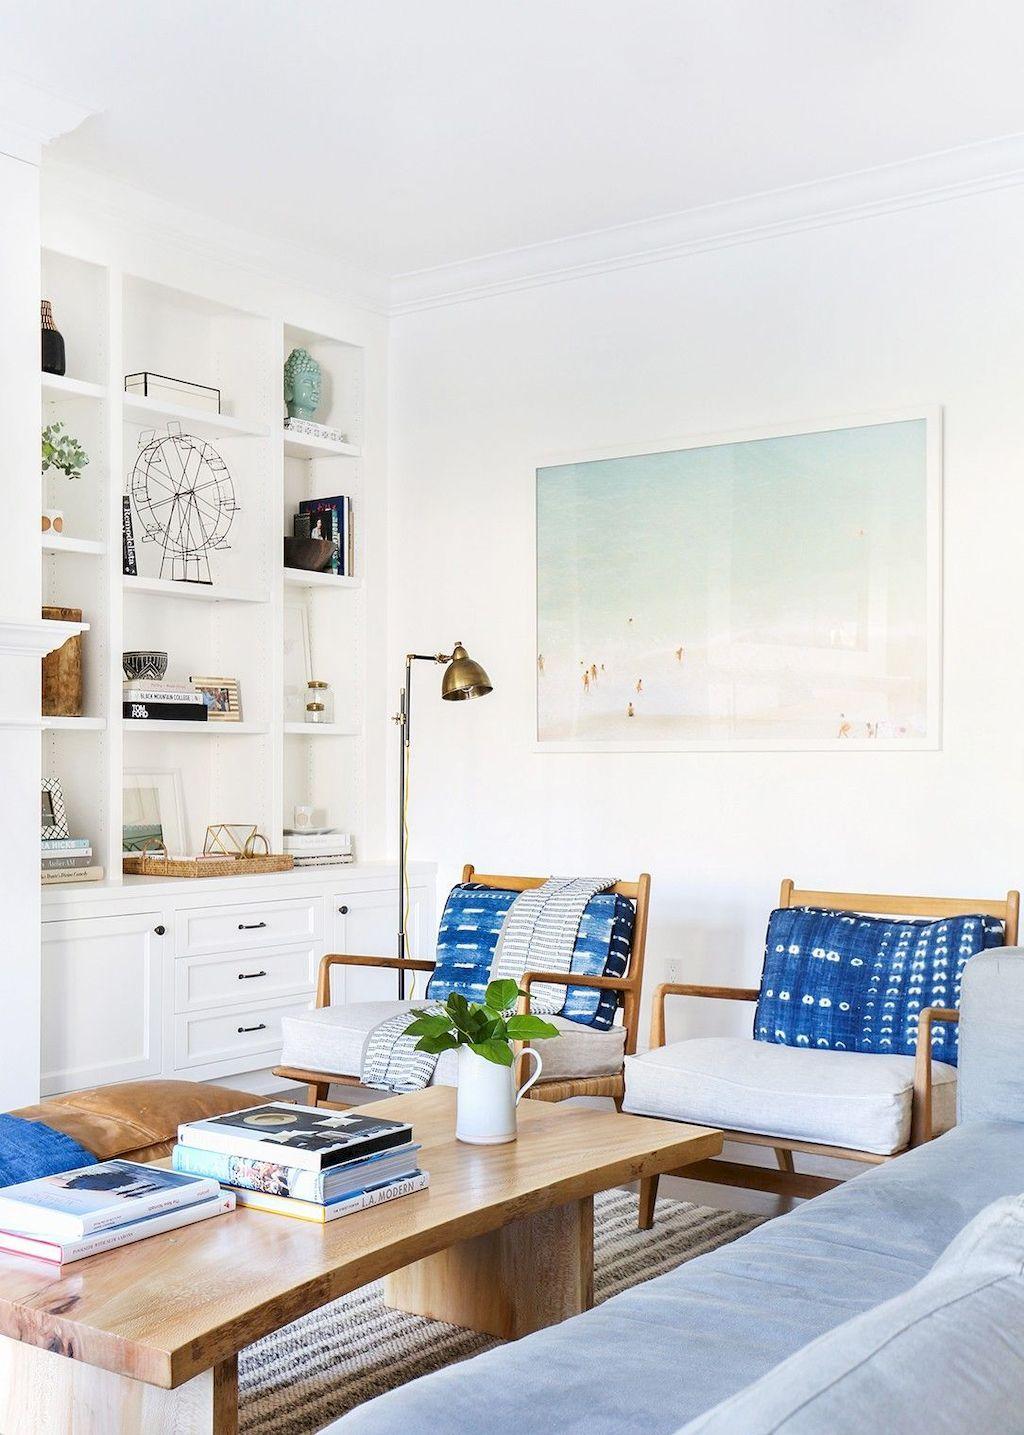 85 cozy bohemian living room decor ideas living room ideas rh pinterest com